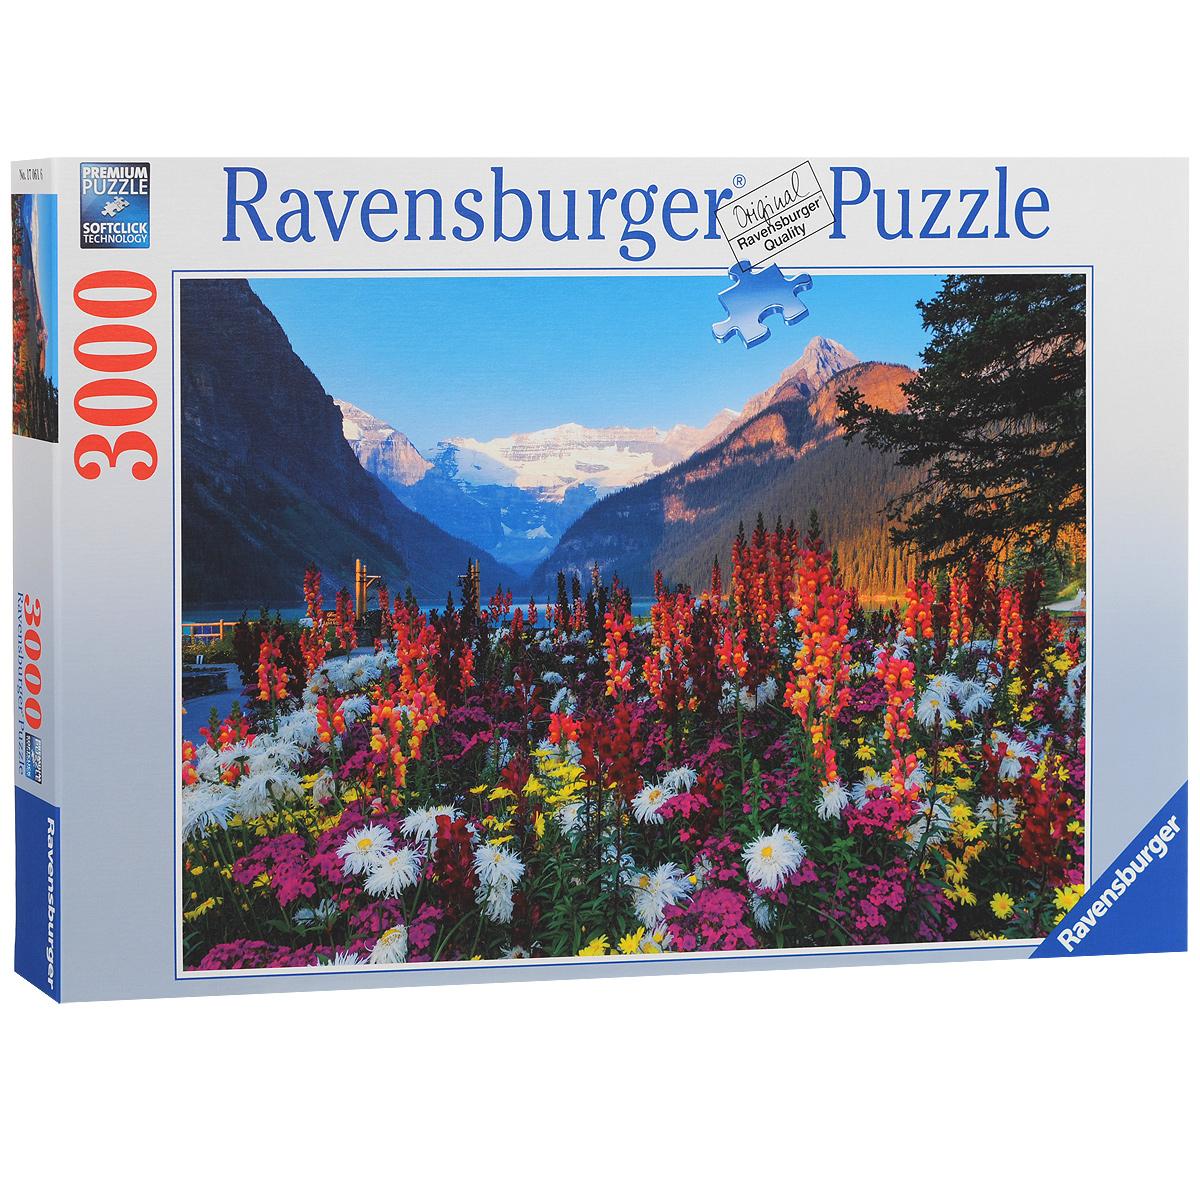 Ravensburger Горные цветы. Пазл, 3000 элементов170616Пазл Ravensburger Горные цветы, без сомнения, придется вам по душе. Собрав этот пазл, включающий в себя 3000 элементов, вы получите великолепную картину с изображением цветов. Каждая деталь имеет свою форму и подходит только на своё место. Нет двух одинаковых деталей! Пазл изготовлен из картона высочайшего качества. Все изображения аккуратно отсканированы и напечатаны на ламинированной бумаге. Пазл - великолепная игра для семейного досуга. Сегодня собирание пазлов стало особенно популярным, главным образом, благодаря своей многообразной тематике, способной удовлетворить самый взыскательный вкус. А для детей это не только интересно, но и полезно. Собирание пазла развивает мелкую моторику у ребенка, тренирует наблюдательность, логическое мышление, знакомит с окружающим миром, с цветом и разнообразными формами.